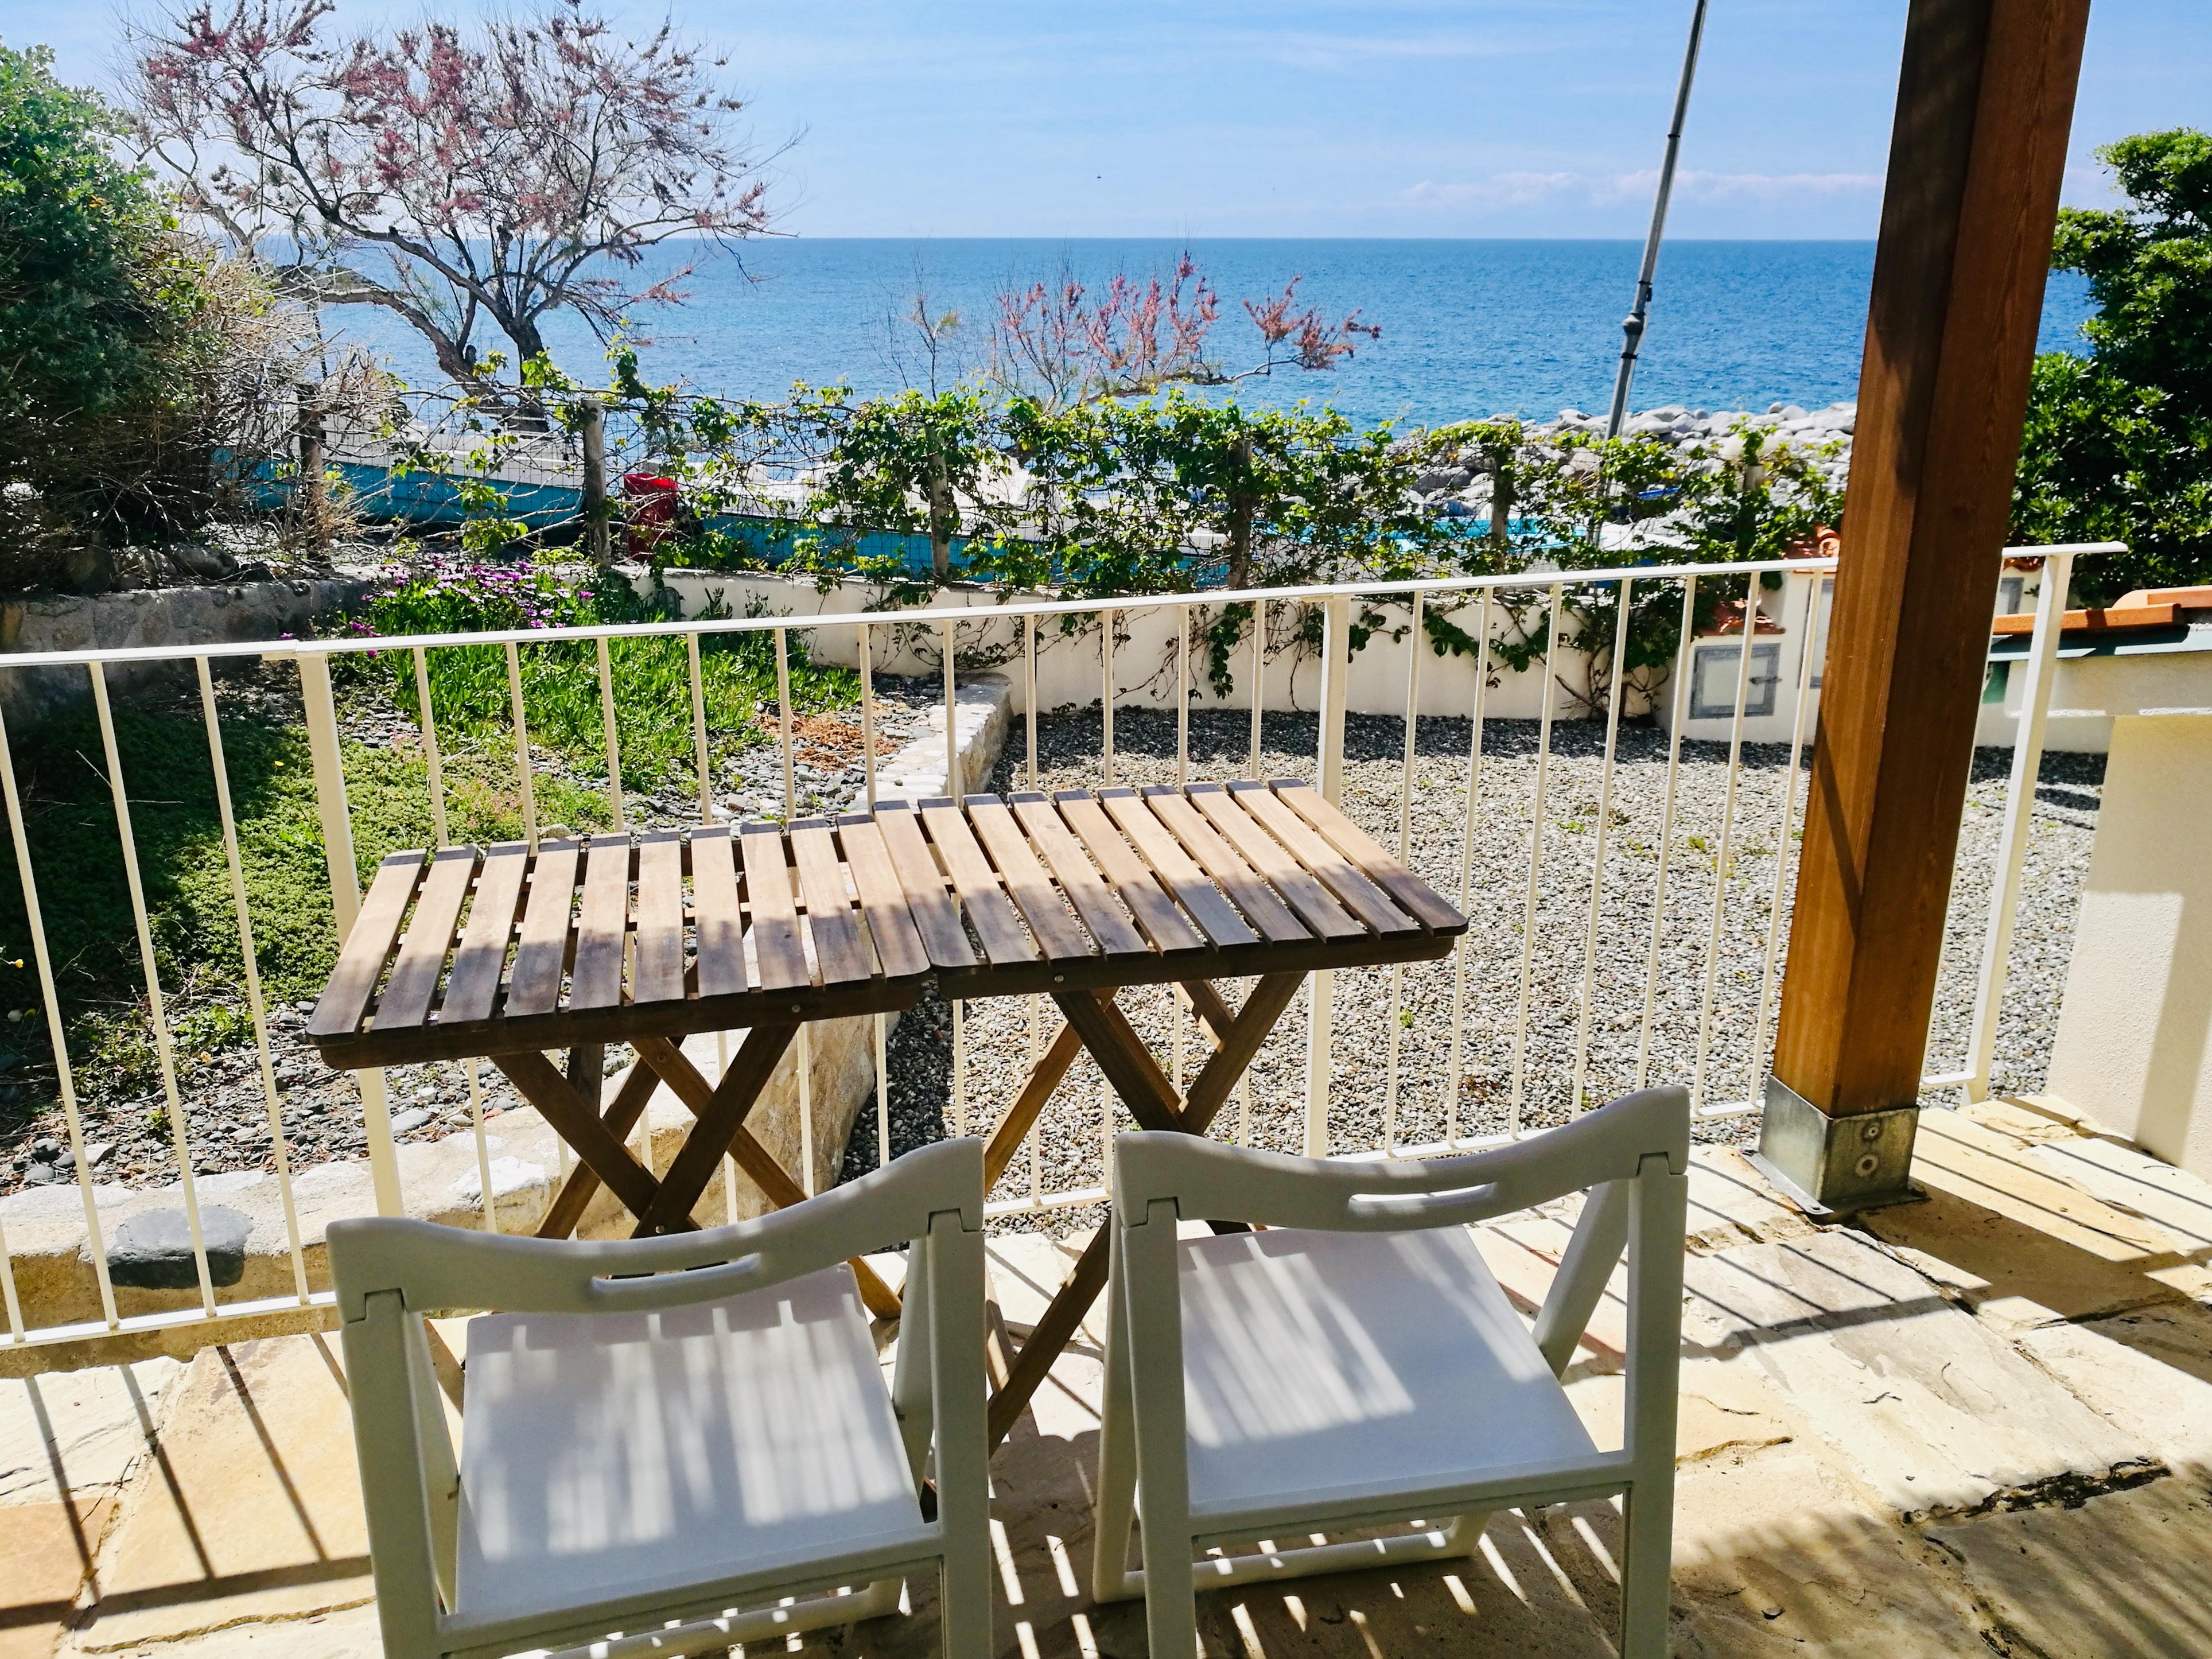 IL QUARTIERE Giglio Nur auf einem Schiff sind Sienäheram Meer ... klicken Sie auch hier:Welcome | latuacasasulmare (wixsite.com)